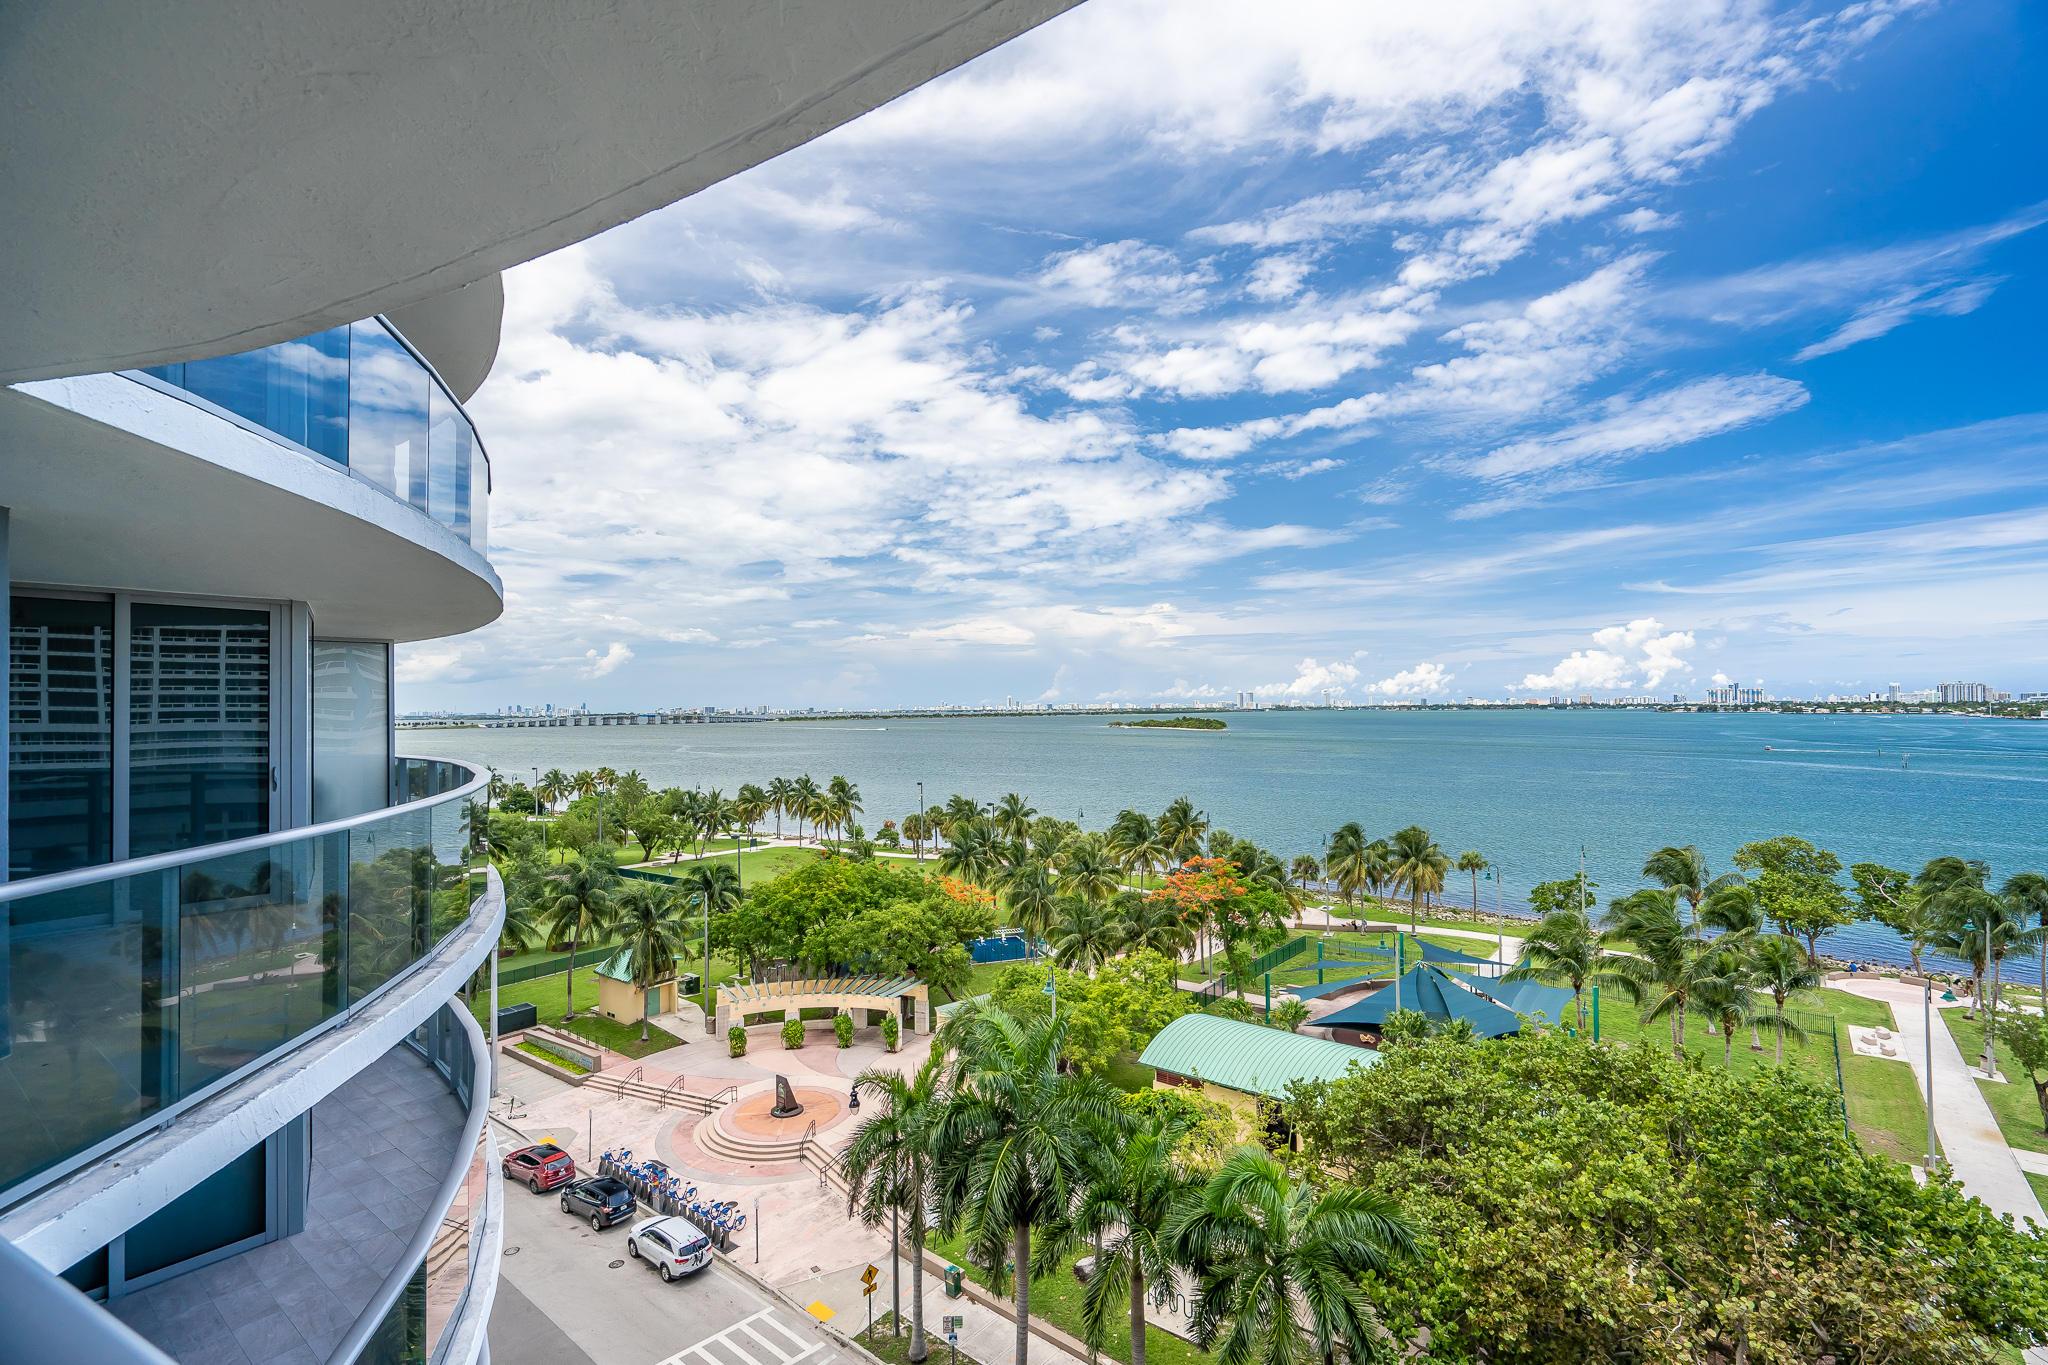 ARIA ON THE BAY MIAMI FLORIDA